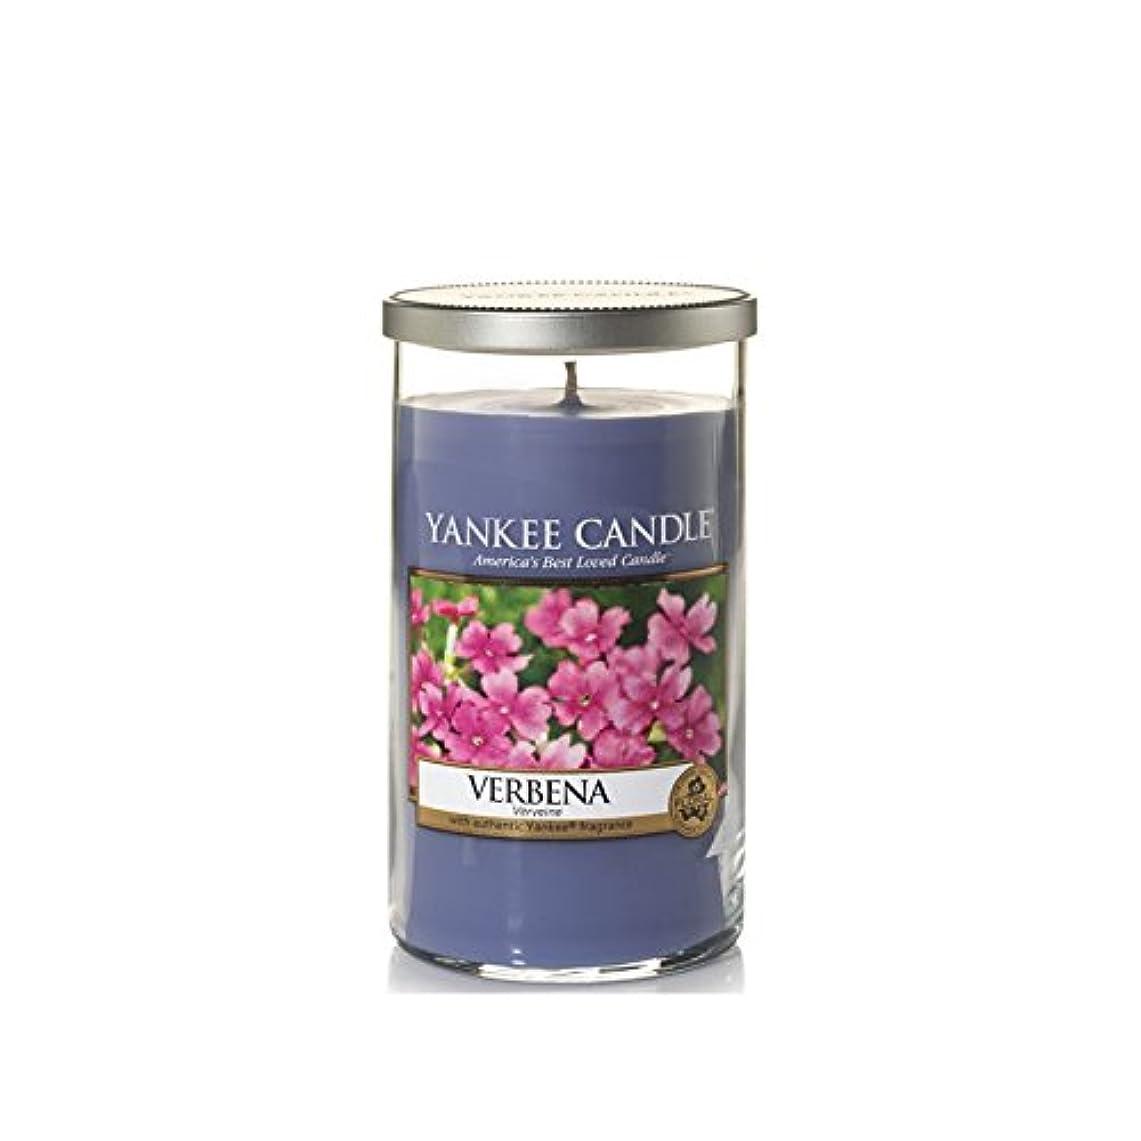 クリークサッカー途方もないYankee Candles Medium Pillar Candle - Verbena (Pack of 6) - ヤンキーキャンドルメディアピラーキャンドル - バーベナ (x6) [並行輸入品]